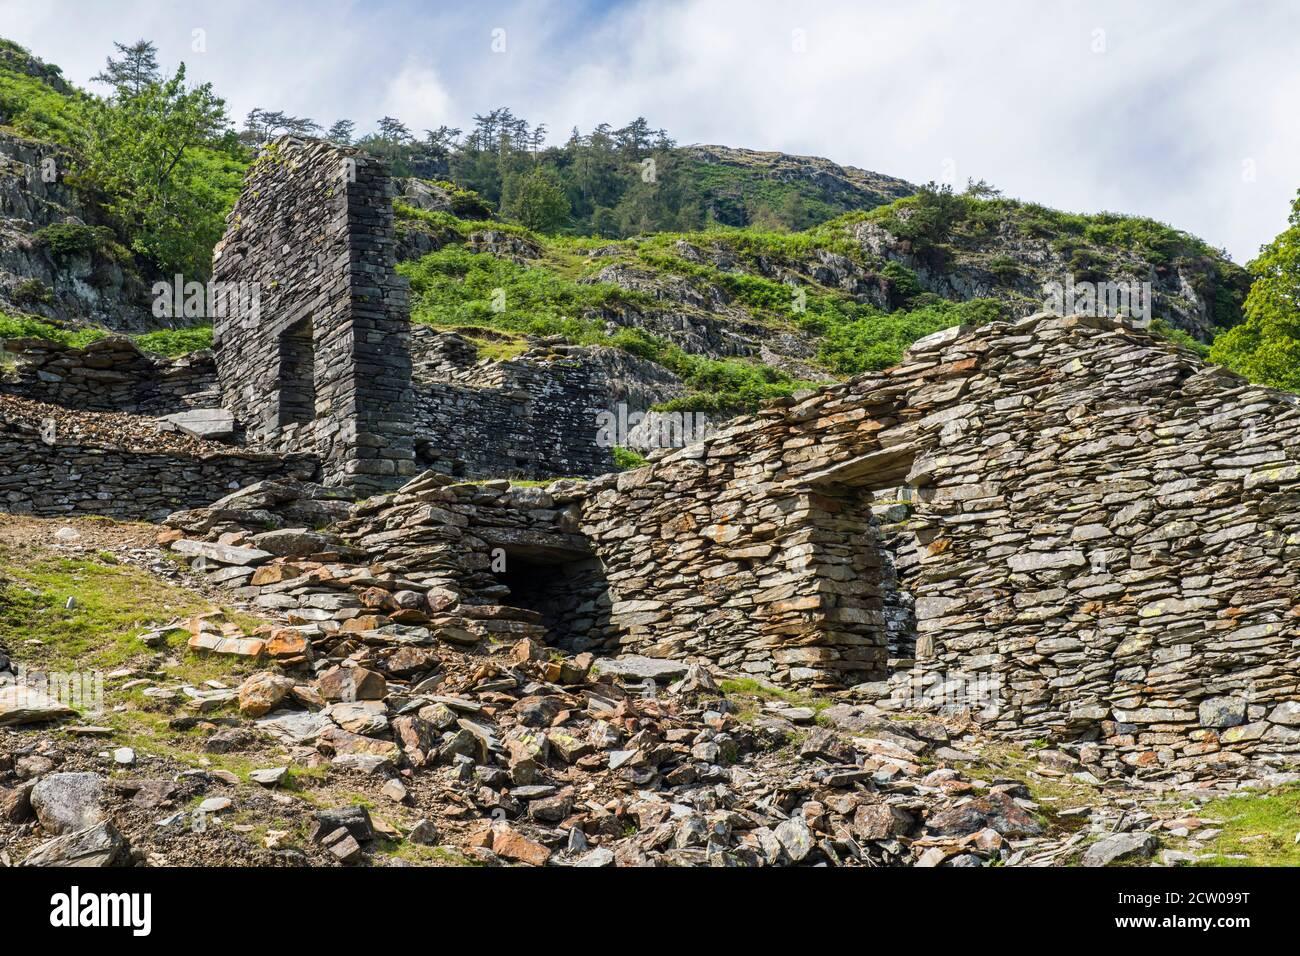 Los restos en ruinas de edificios a mitad de camino en la orilla del valle de Tilberthwaite en el Distrito de los Lagos. Estos bien pueden haber sido edificios de canteras. Foto de stock